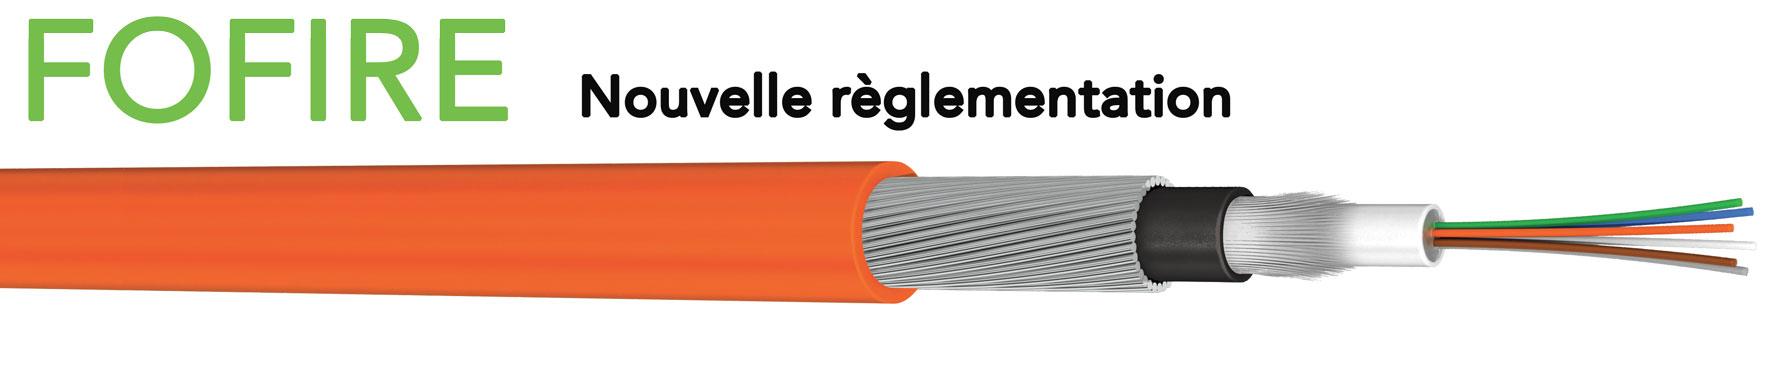 FOFIRE, nouvelle reglementation